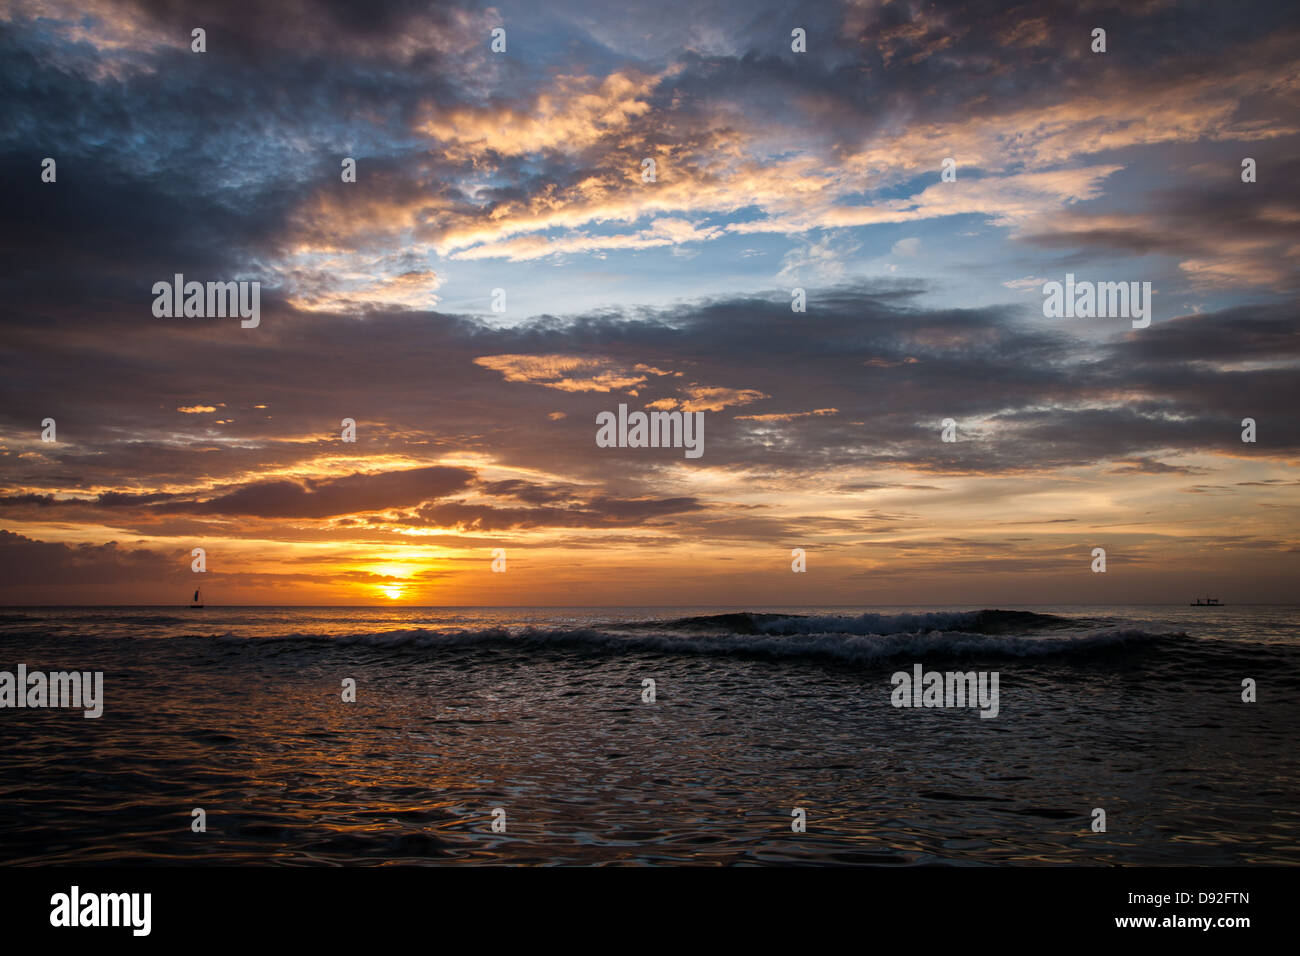 Rottura d'onda al tramonto sulla spiaggia di zucchero Immagini Stock